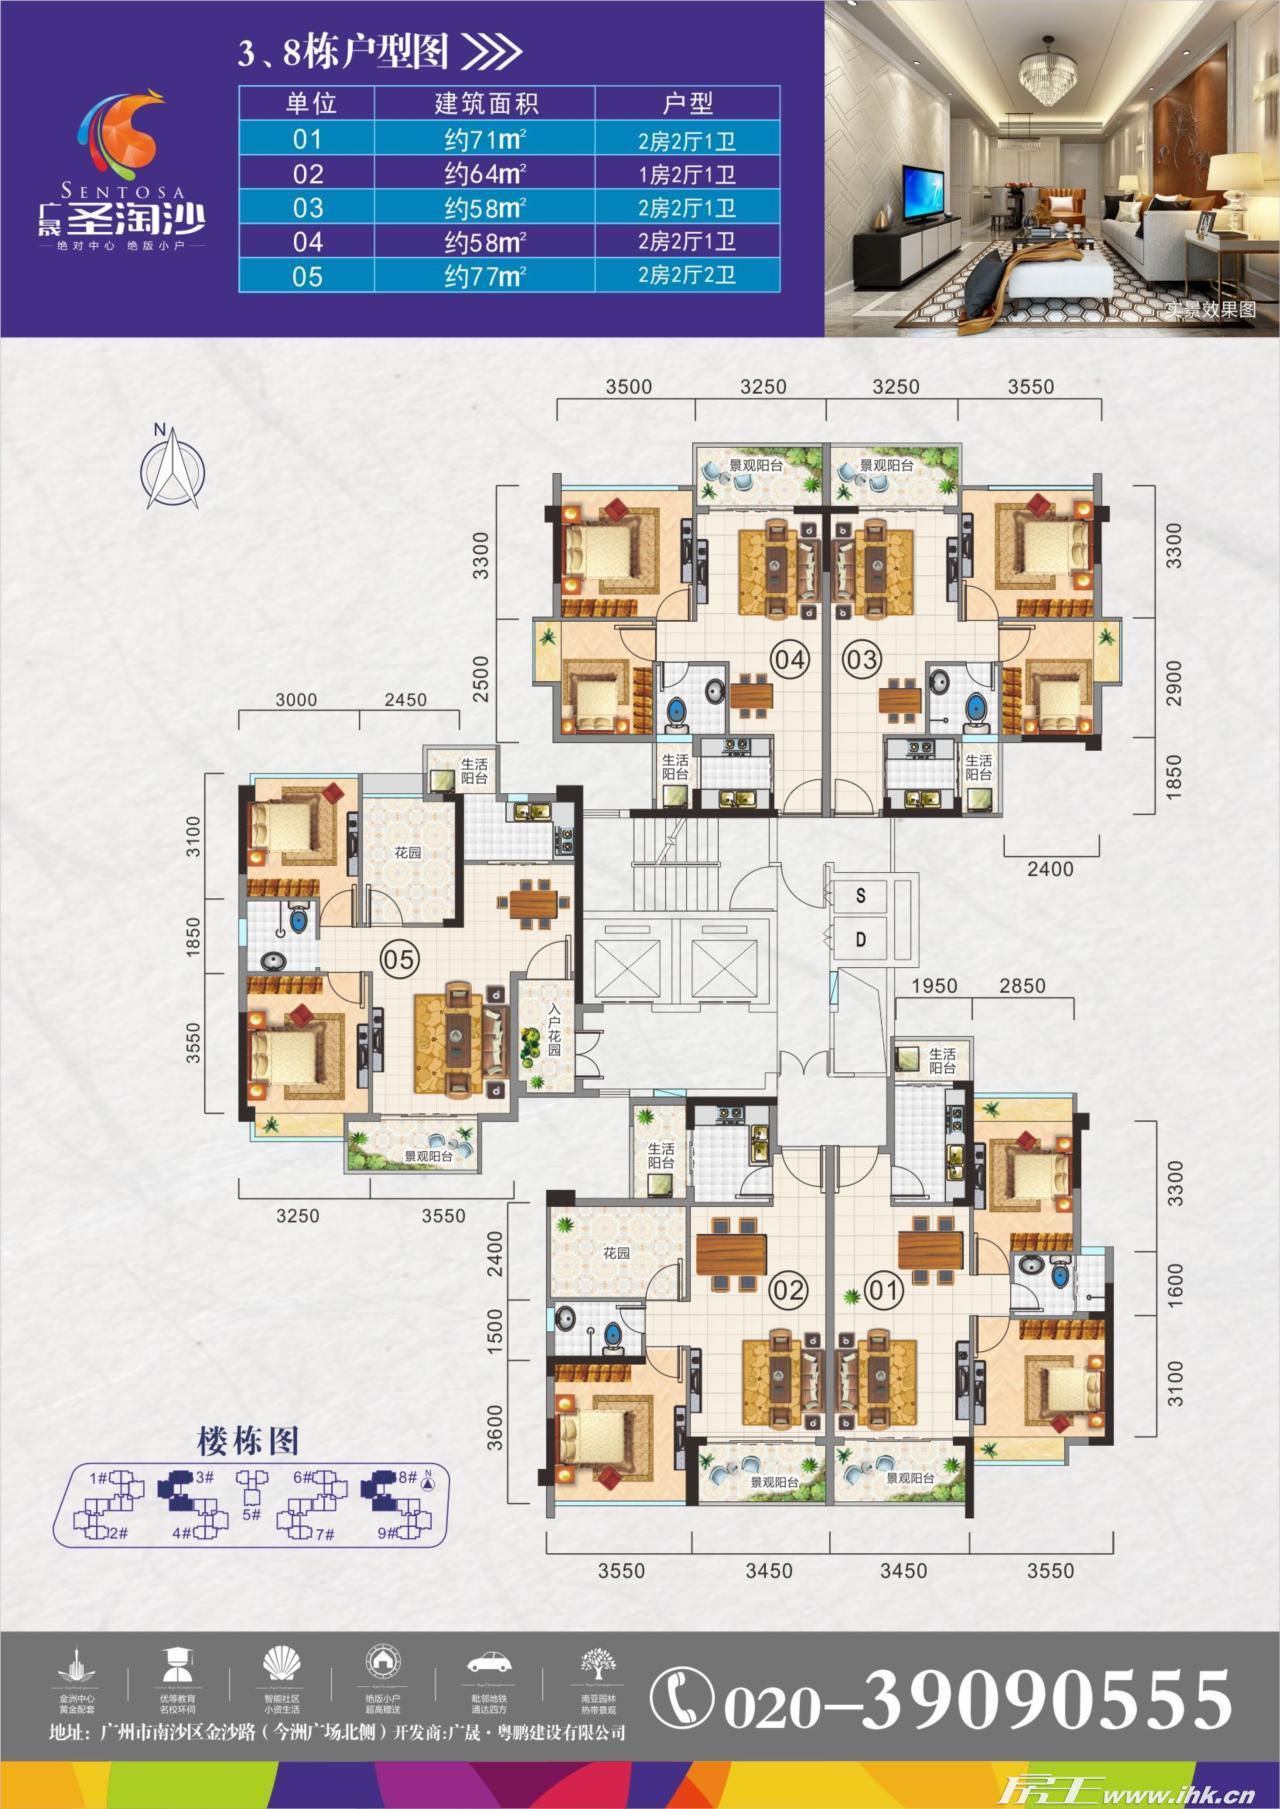 广晟圣淘沙户型图